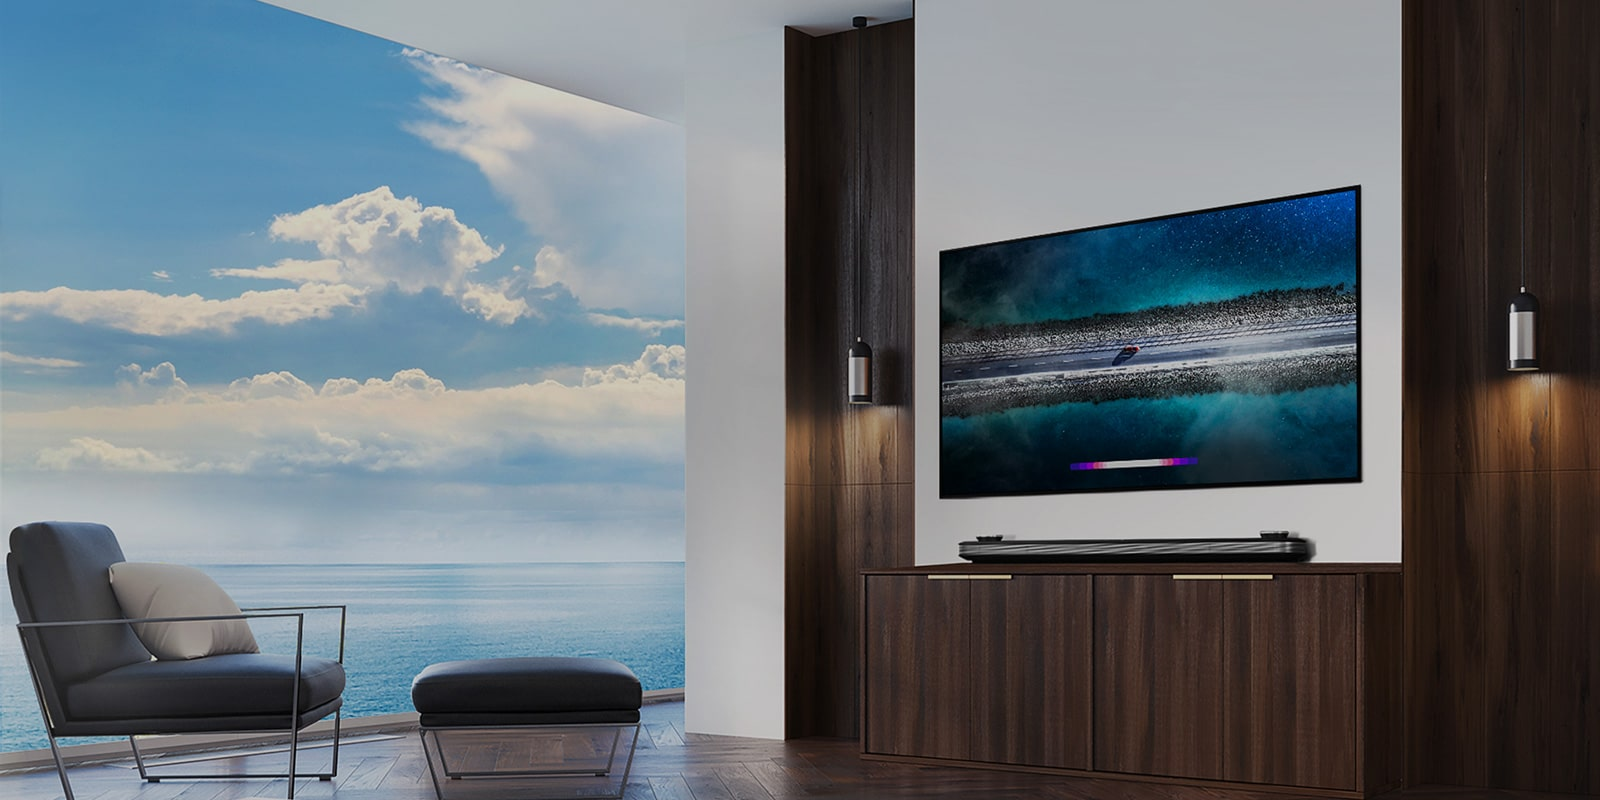 В россии вышел гигантский 8к-телевизор lg по цене хорошего автомобиля. видео - cnews